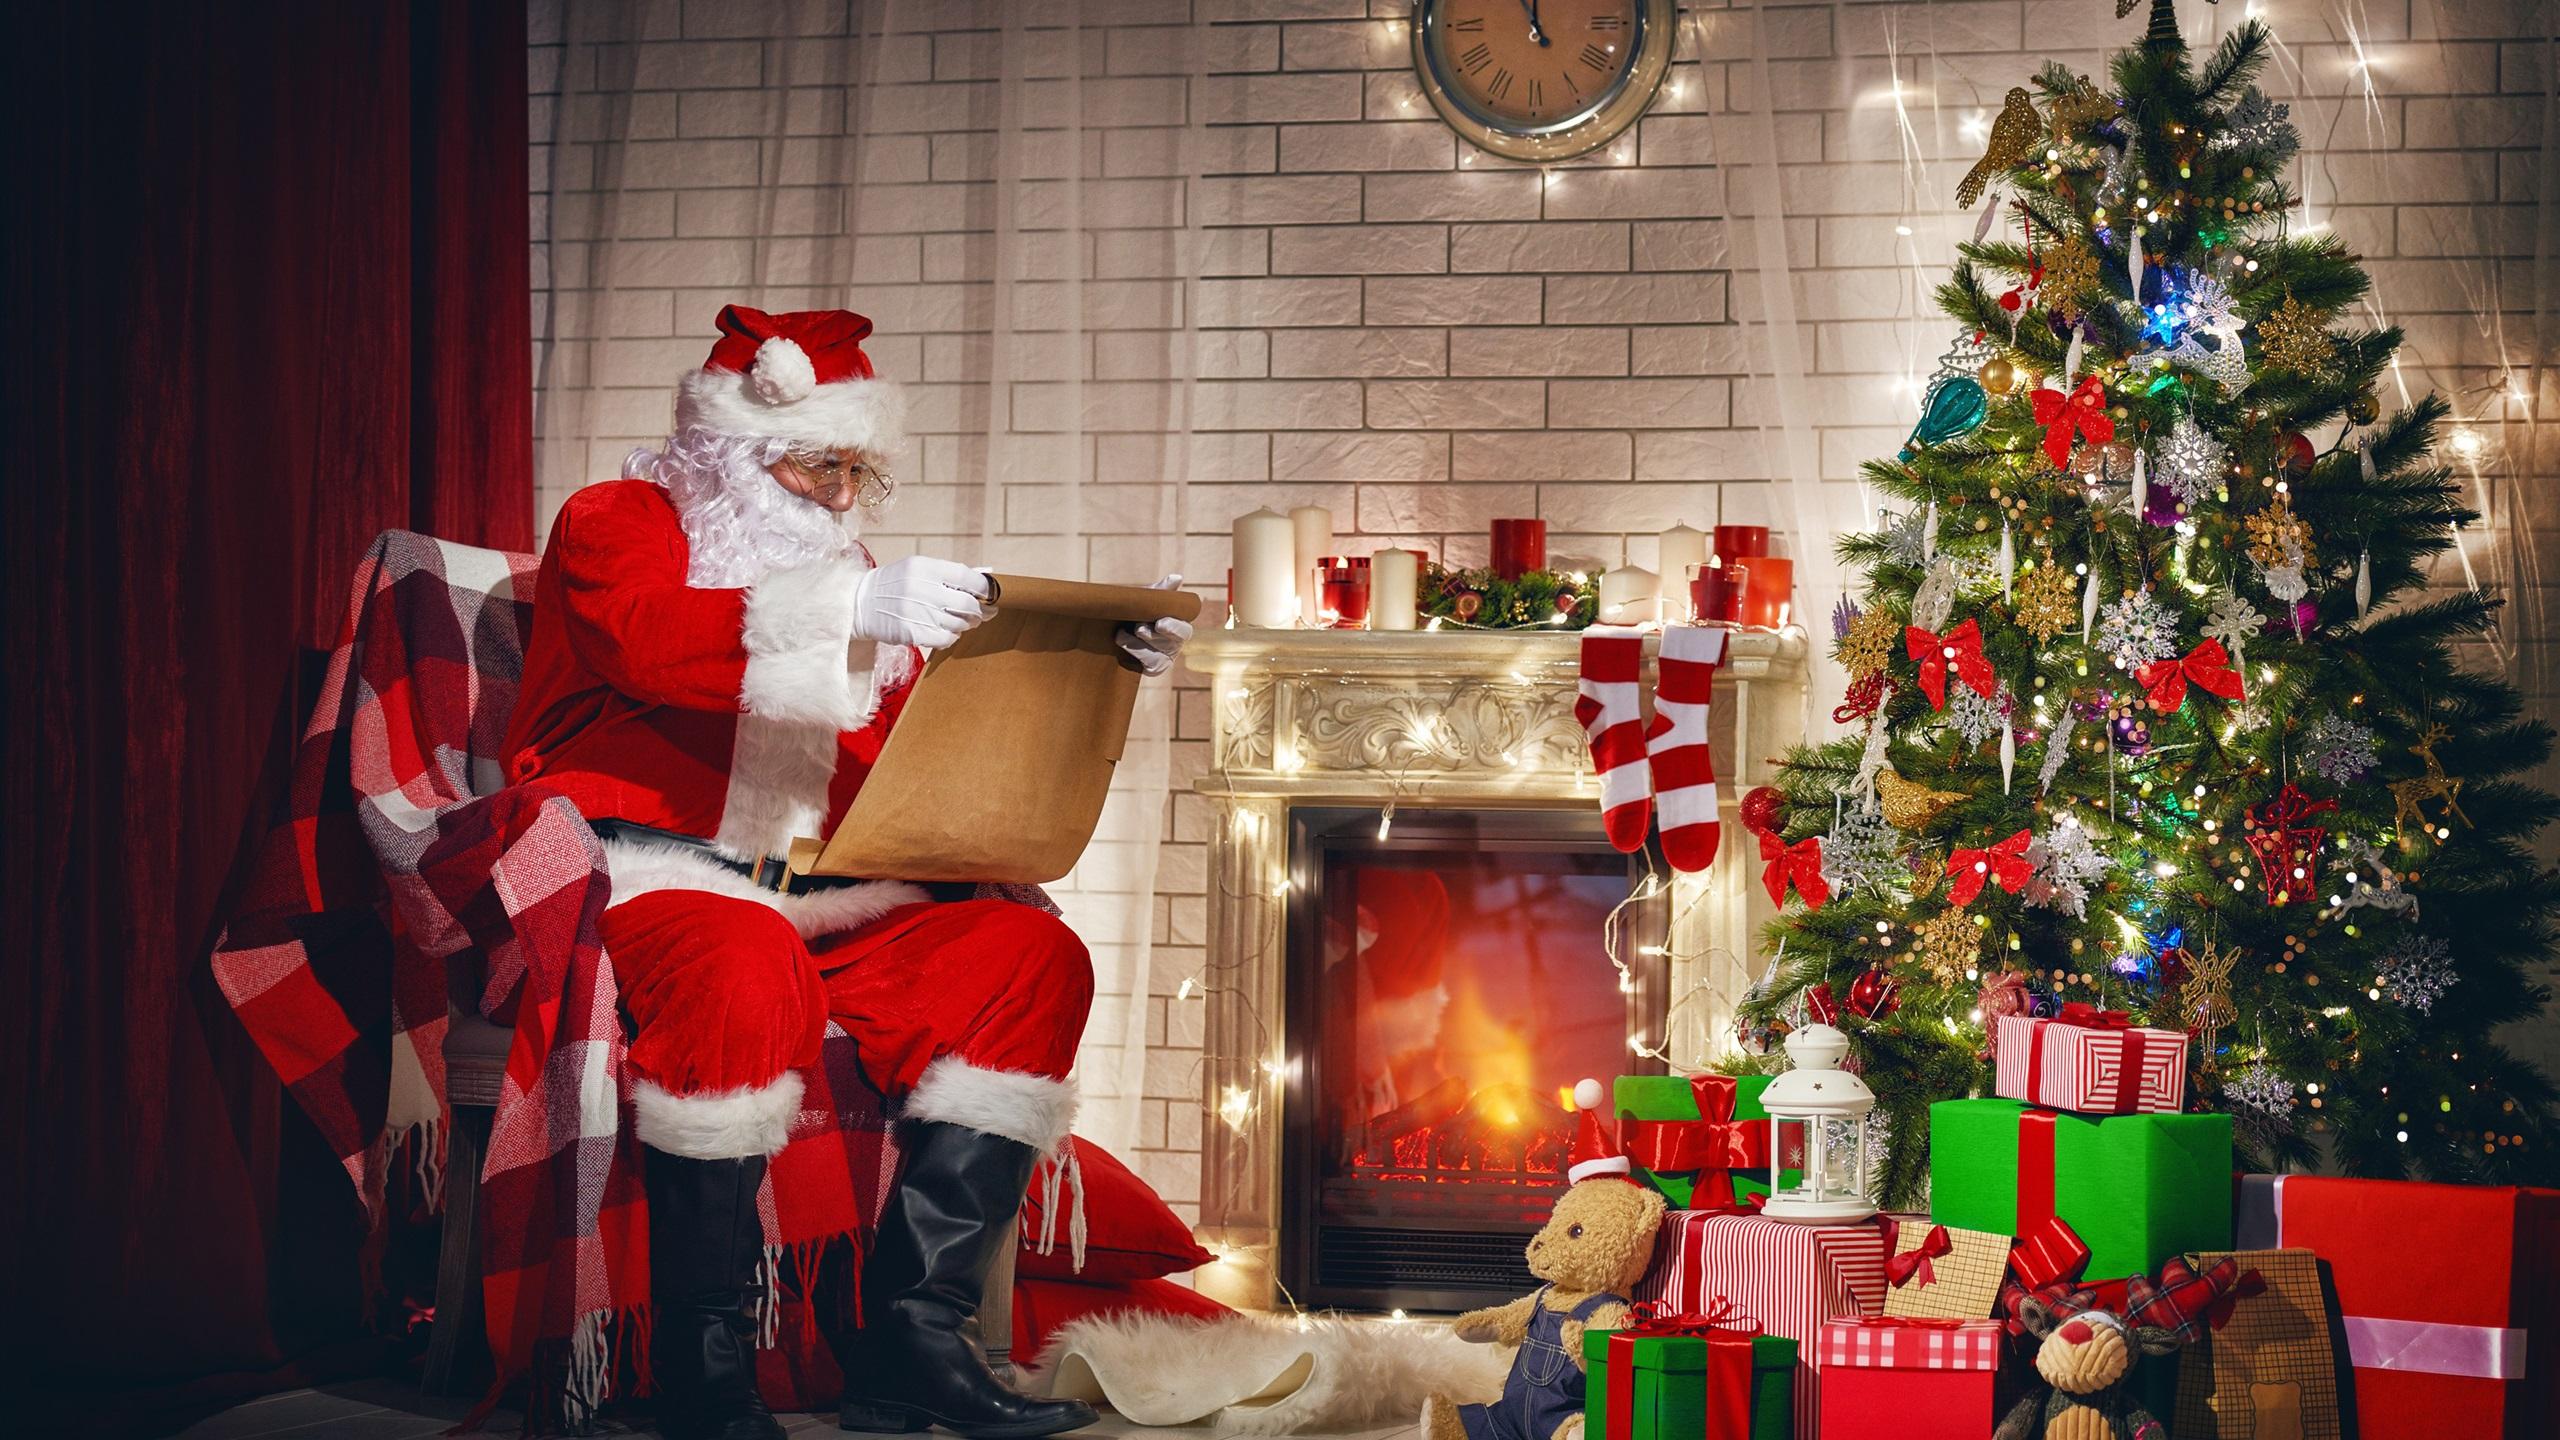 Frohe Weihnachten Weihnachtsmann Geschenke Weihnachtsbaum Dekoration Kamin 1080x1920 Iphone 8 7 6 6s Plus Hintergrundbilder Hd Bild